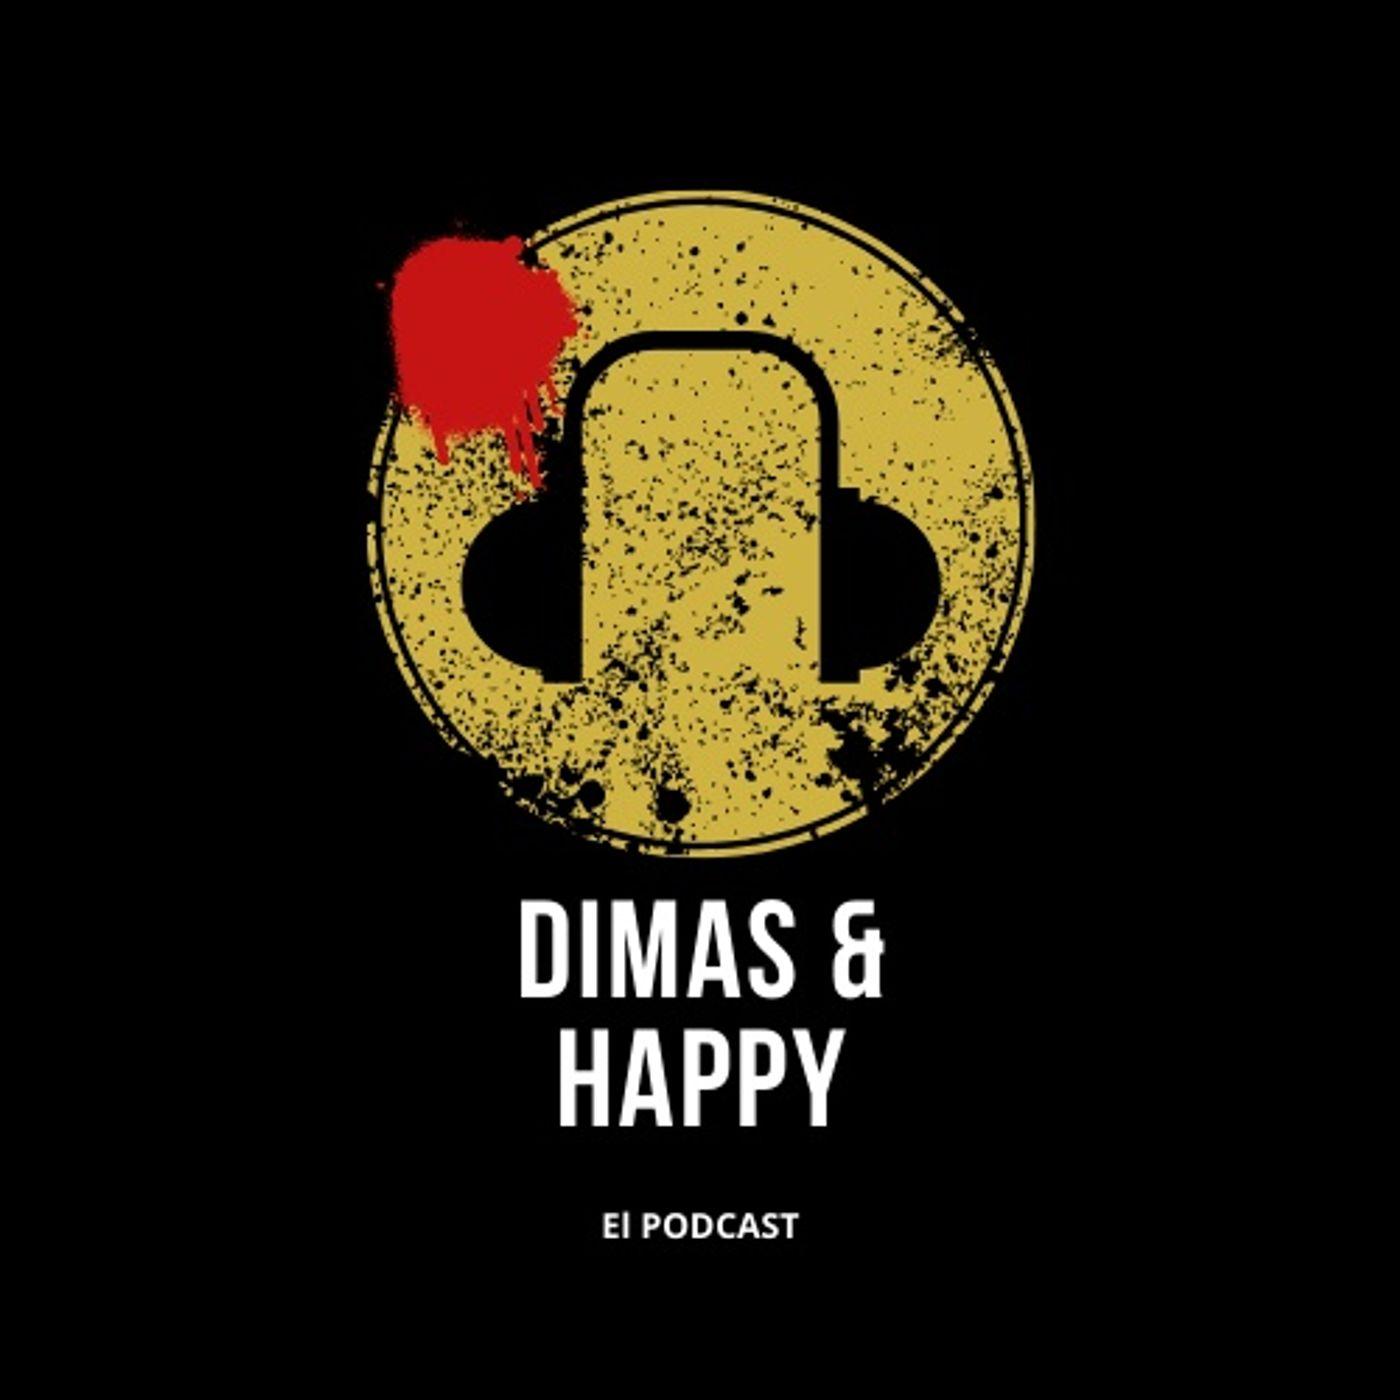 Dimas & Happy: El podcast